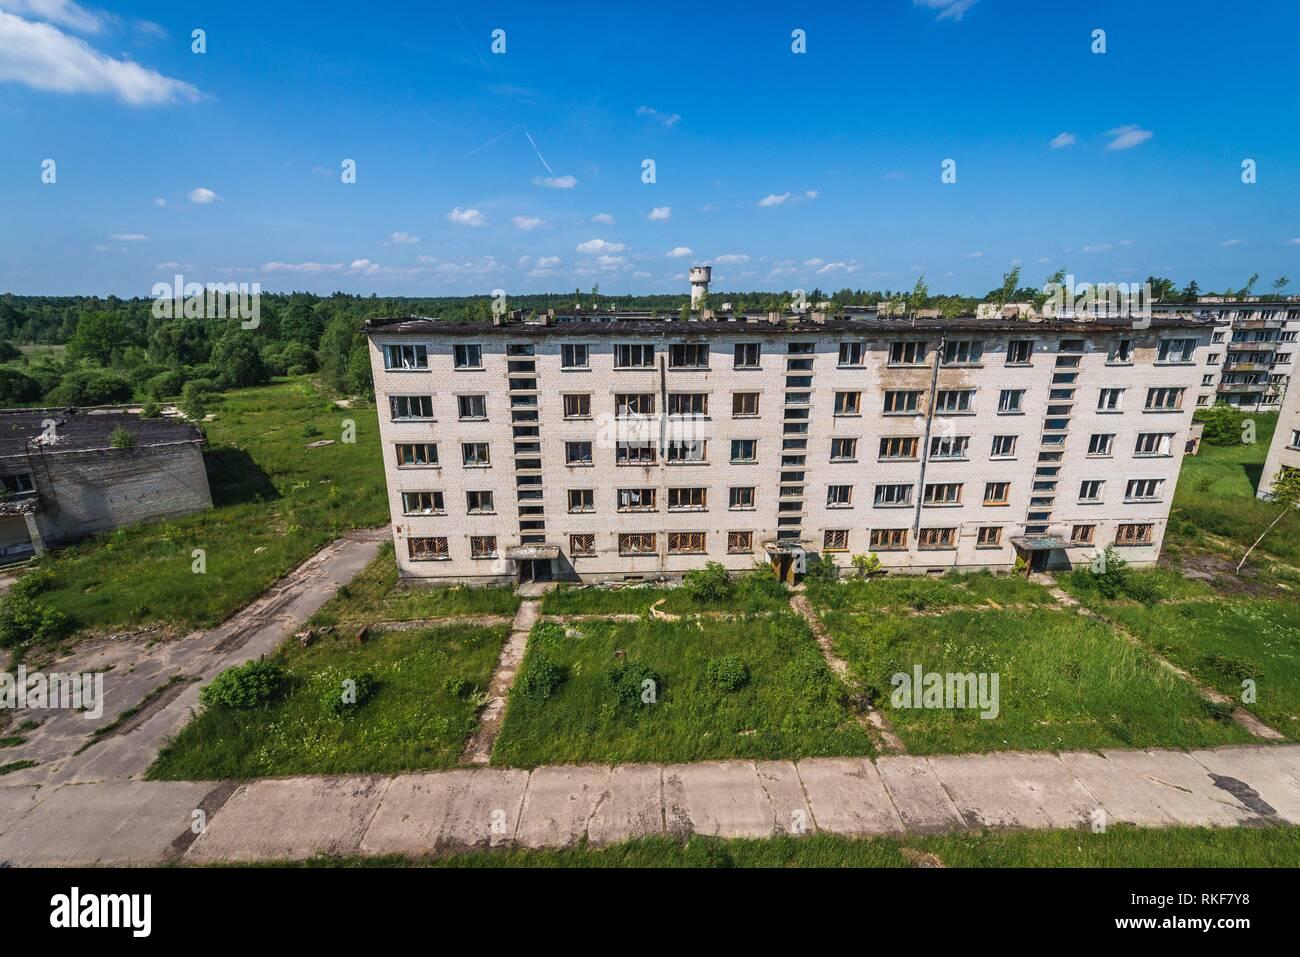 Edificios residenciales abandonados en Skrunda-1 Ghost Town, antiguo emplazamiento de la estación de radar de Dniéper soviético desde el período de la guerra fría, cerca de la ciudad de Skrunda en Letonia. Imagen De Stock